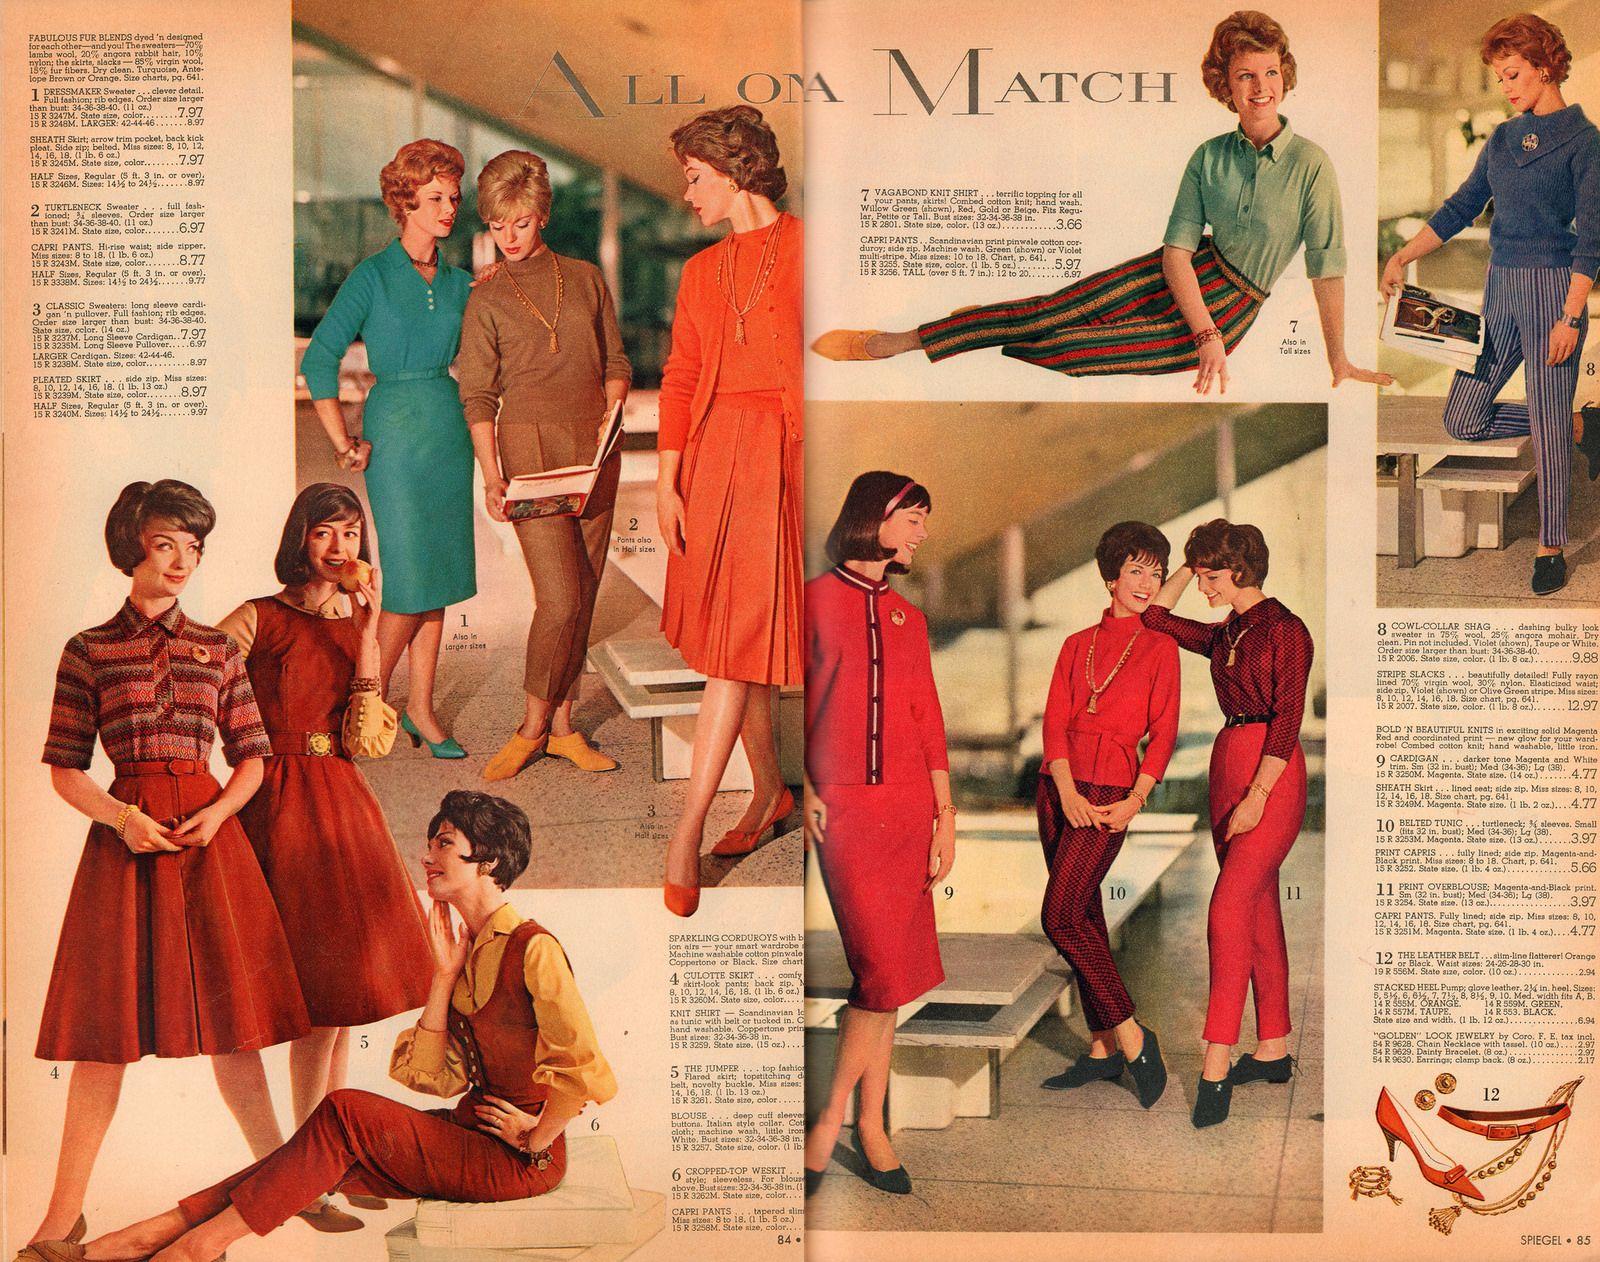 White Wash Spiegel : Retrospace: catalogs #50: spiegel fall & winter 1961 part 3 gfkmnj